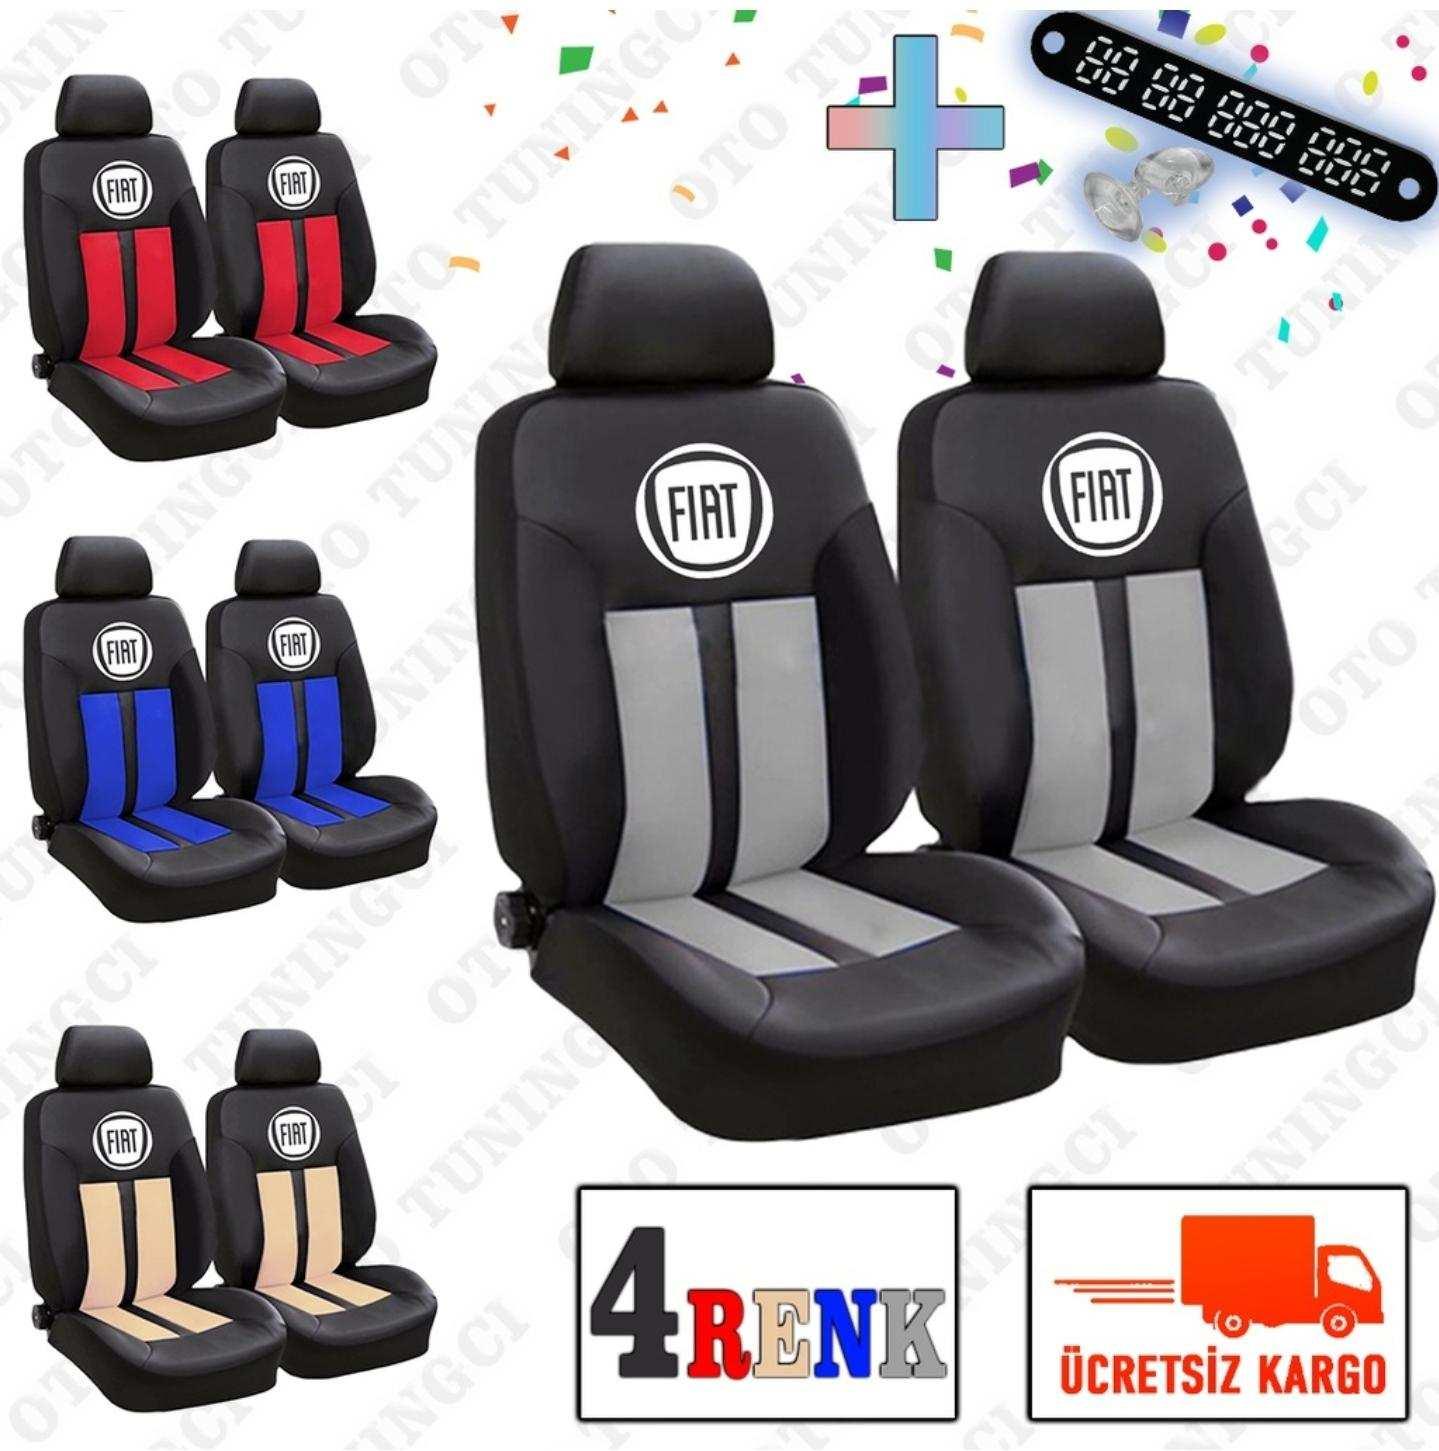 Fiat SPOR Şeritli Arka Kılıf Dahil Oto Koltuk Kılıfı Set + Numaramatik Parktel HEDİYE